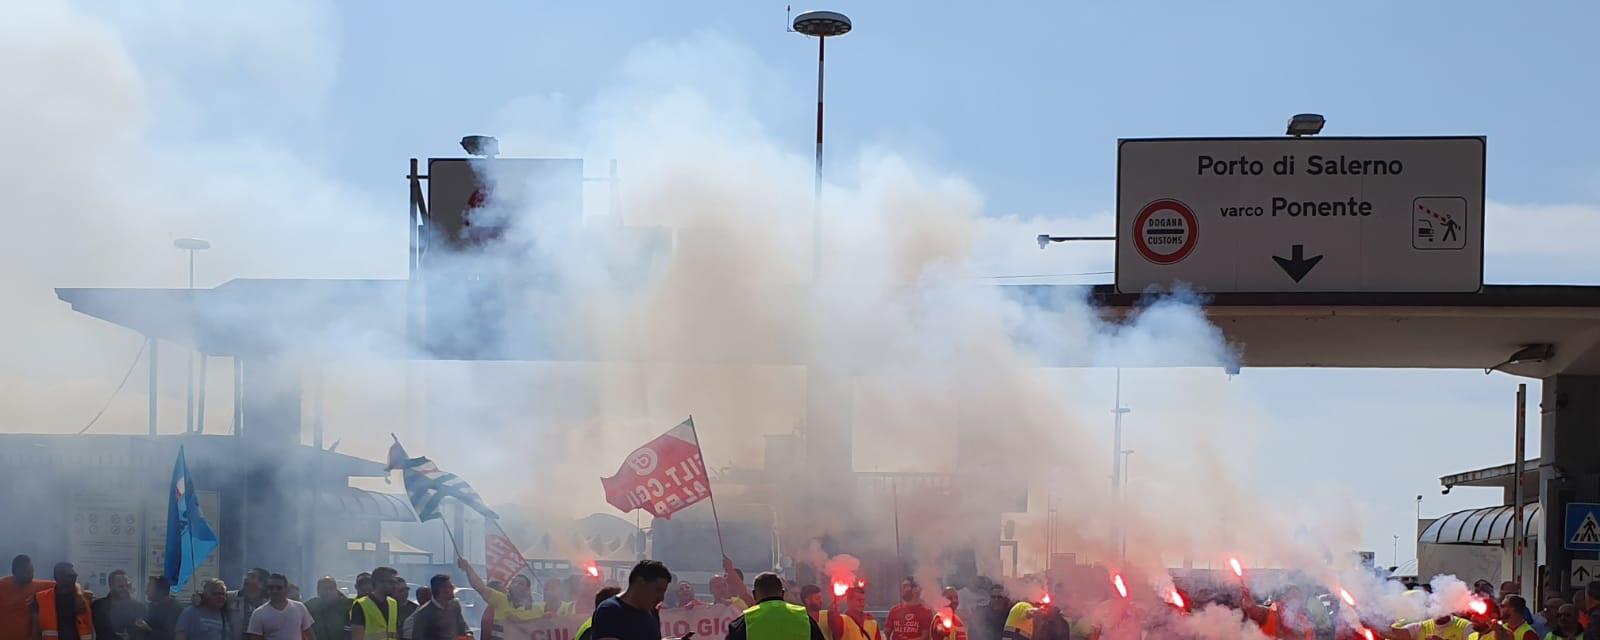 sciopero porti salerno